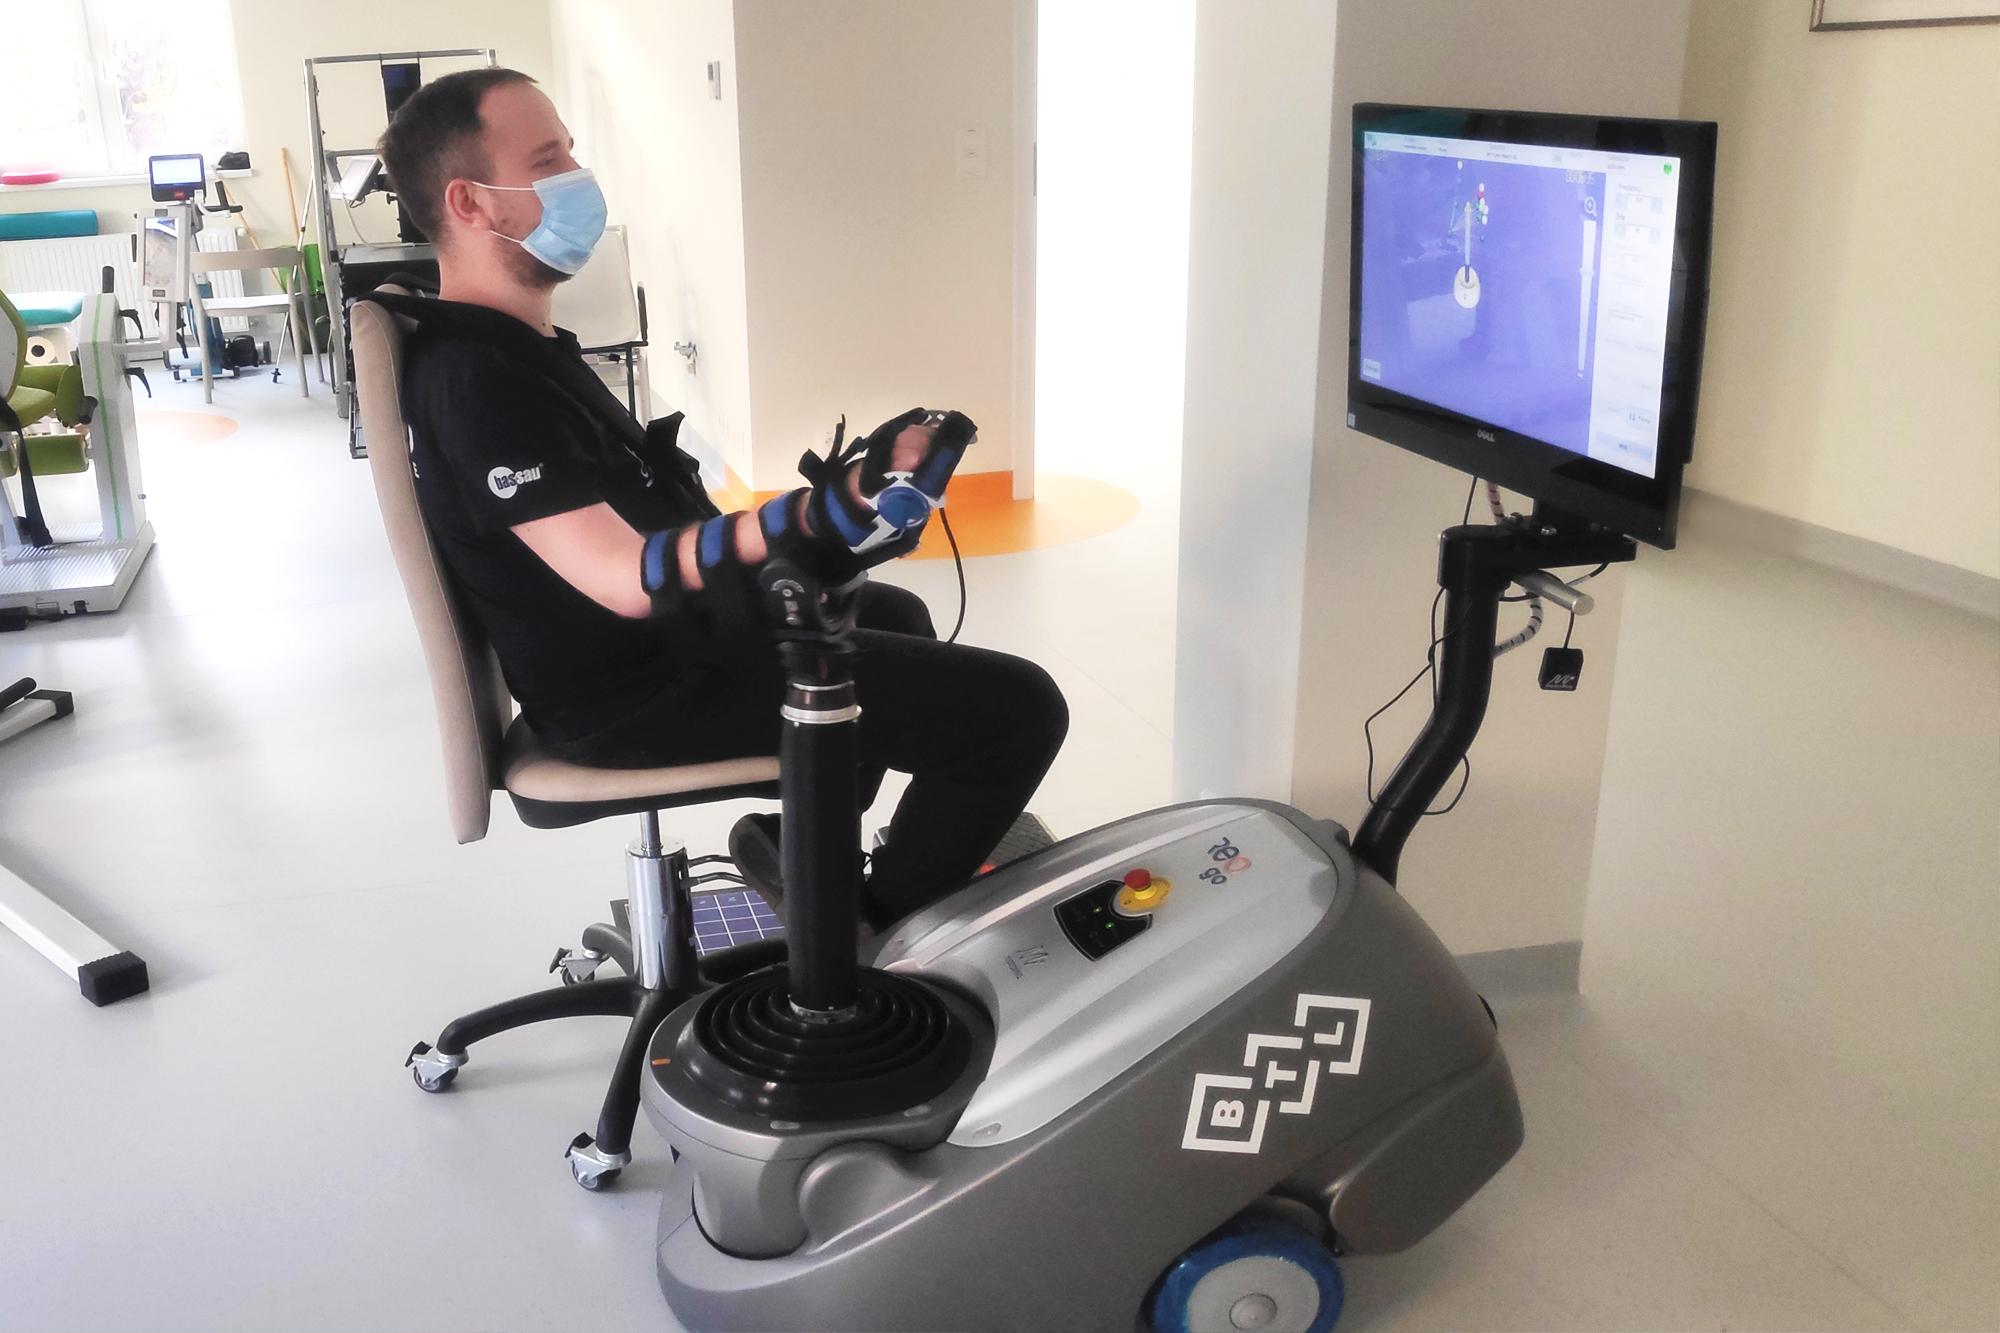 rehabilitacja neurologiczna ręki - Robot ReoGo - Origin